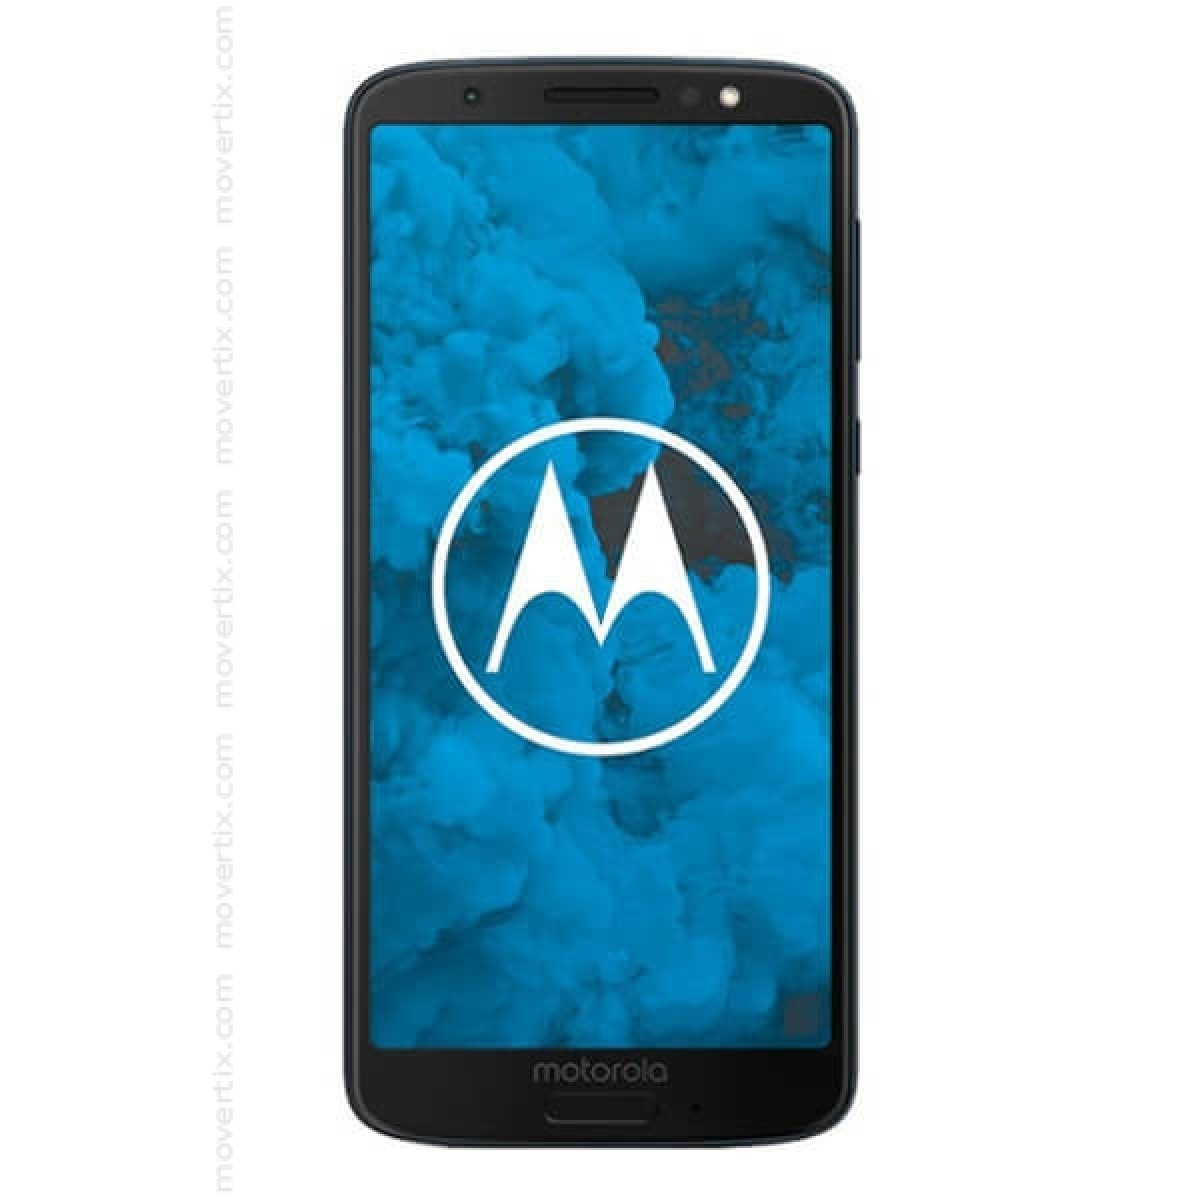 Motorola Moto G6 Dual SIM Blue 32GB and 3GB RAM